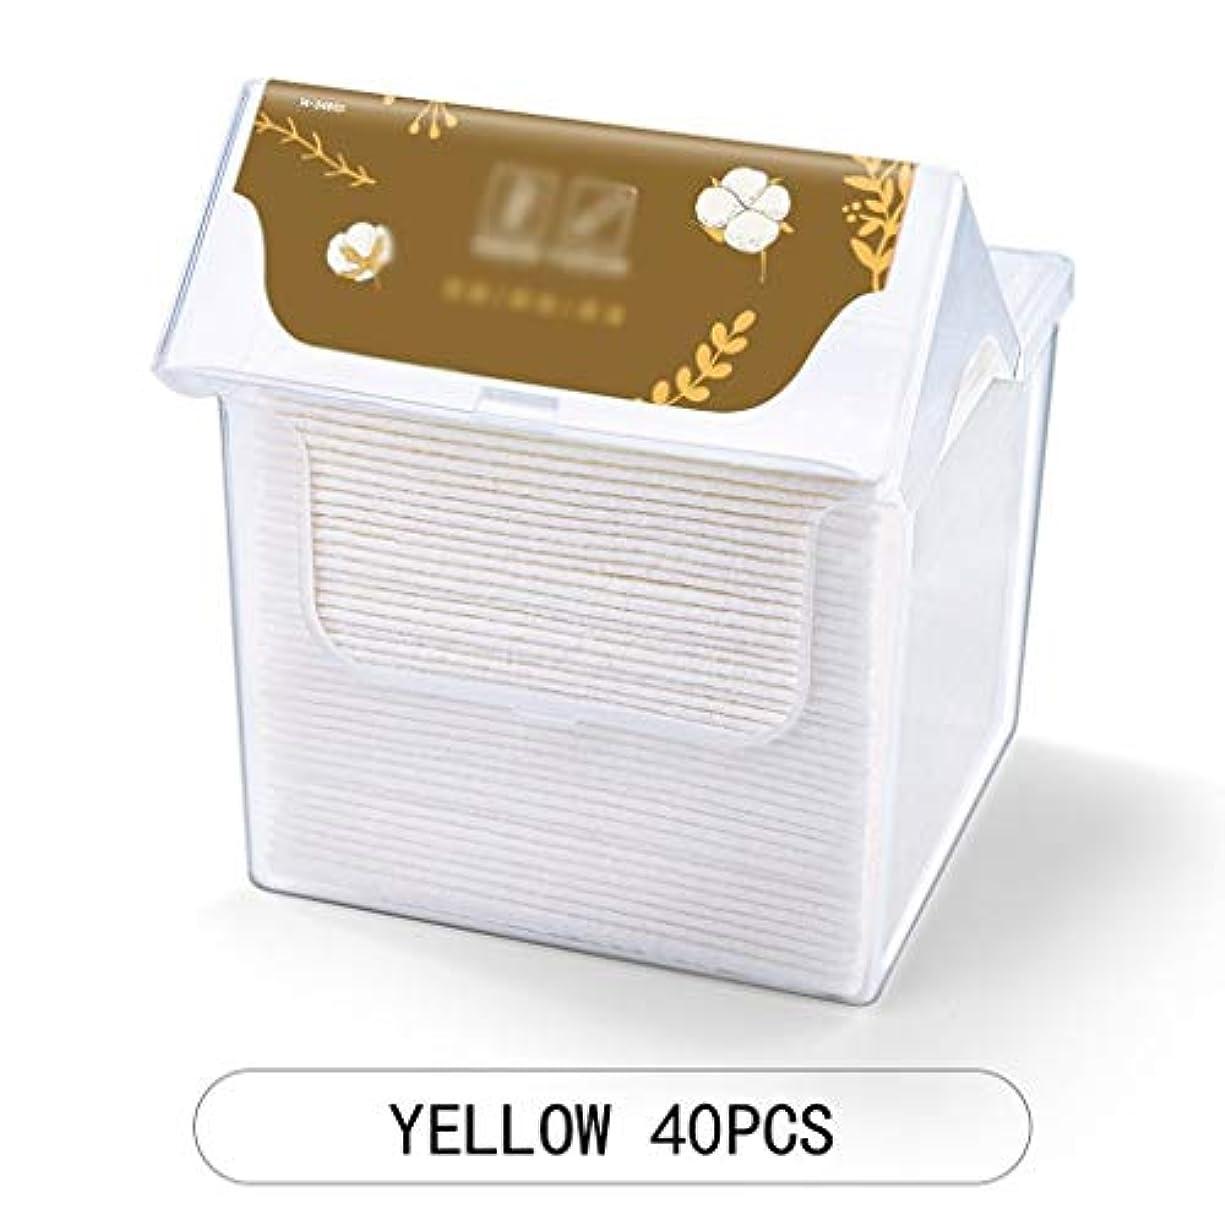 引数酸クレタクレンジングシート 柔らかい綿のティッシュメイクアップワイプ多目的フェイスクリーニングフェイスクロスコットンパッドメイクアップ取り外し家庭用クリーニング (Color : Green)